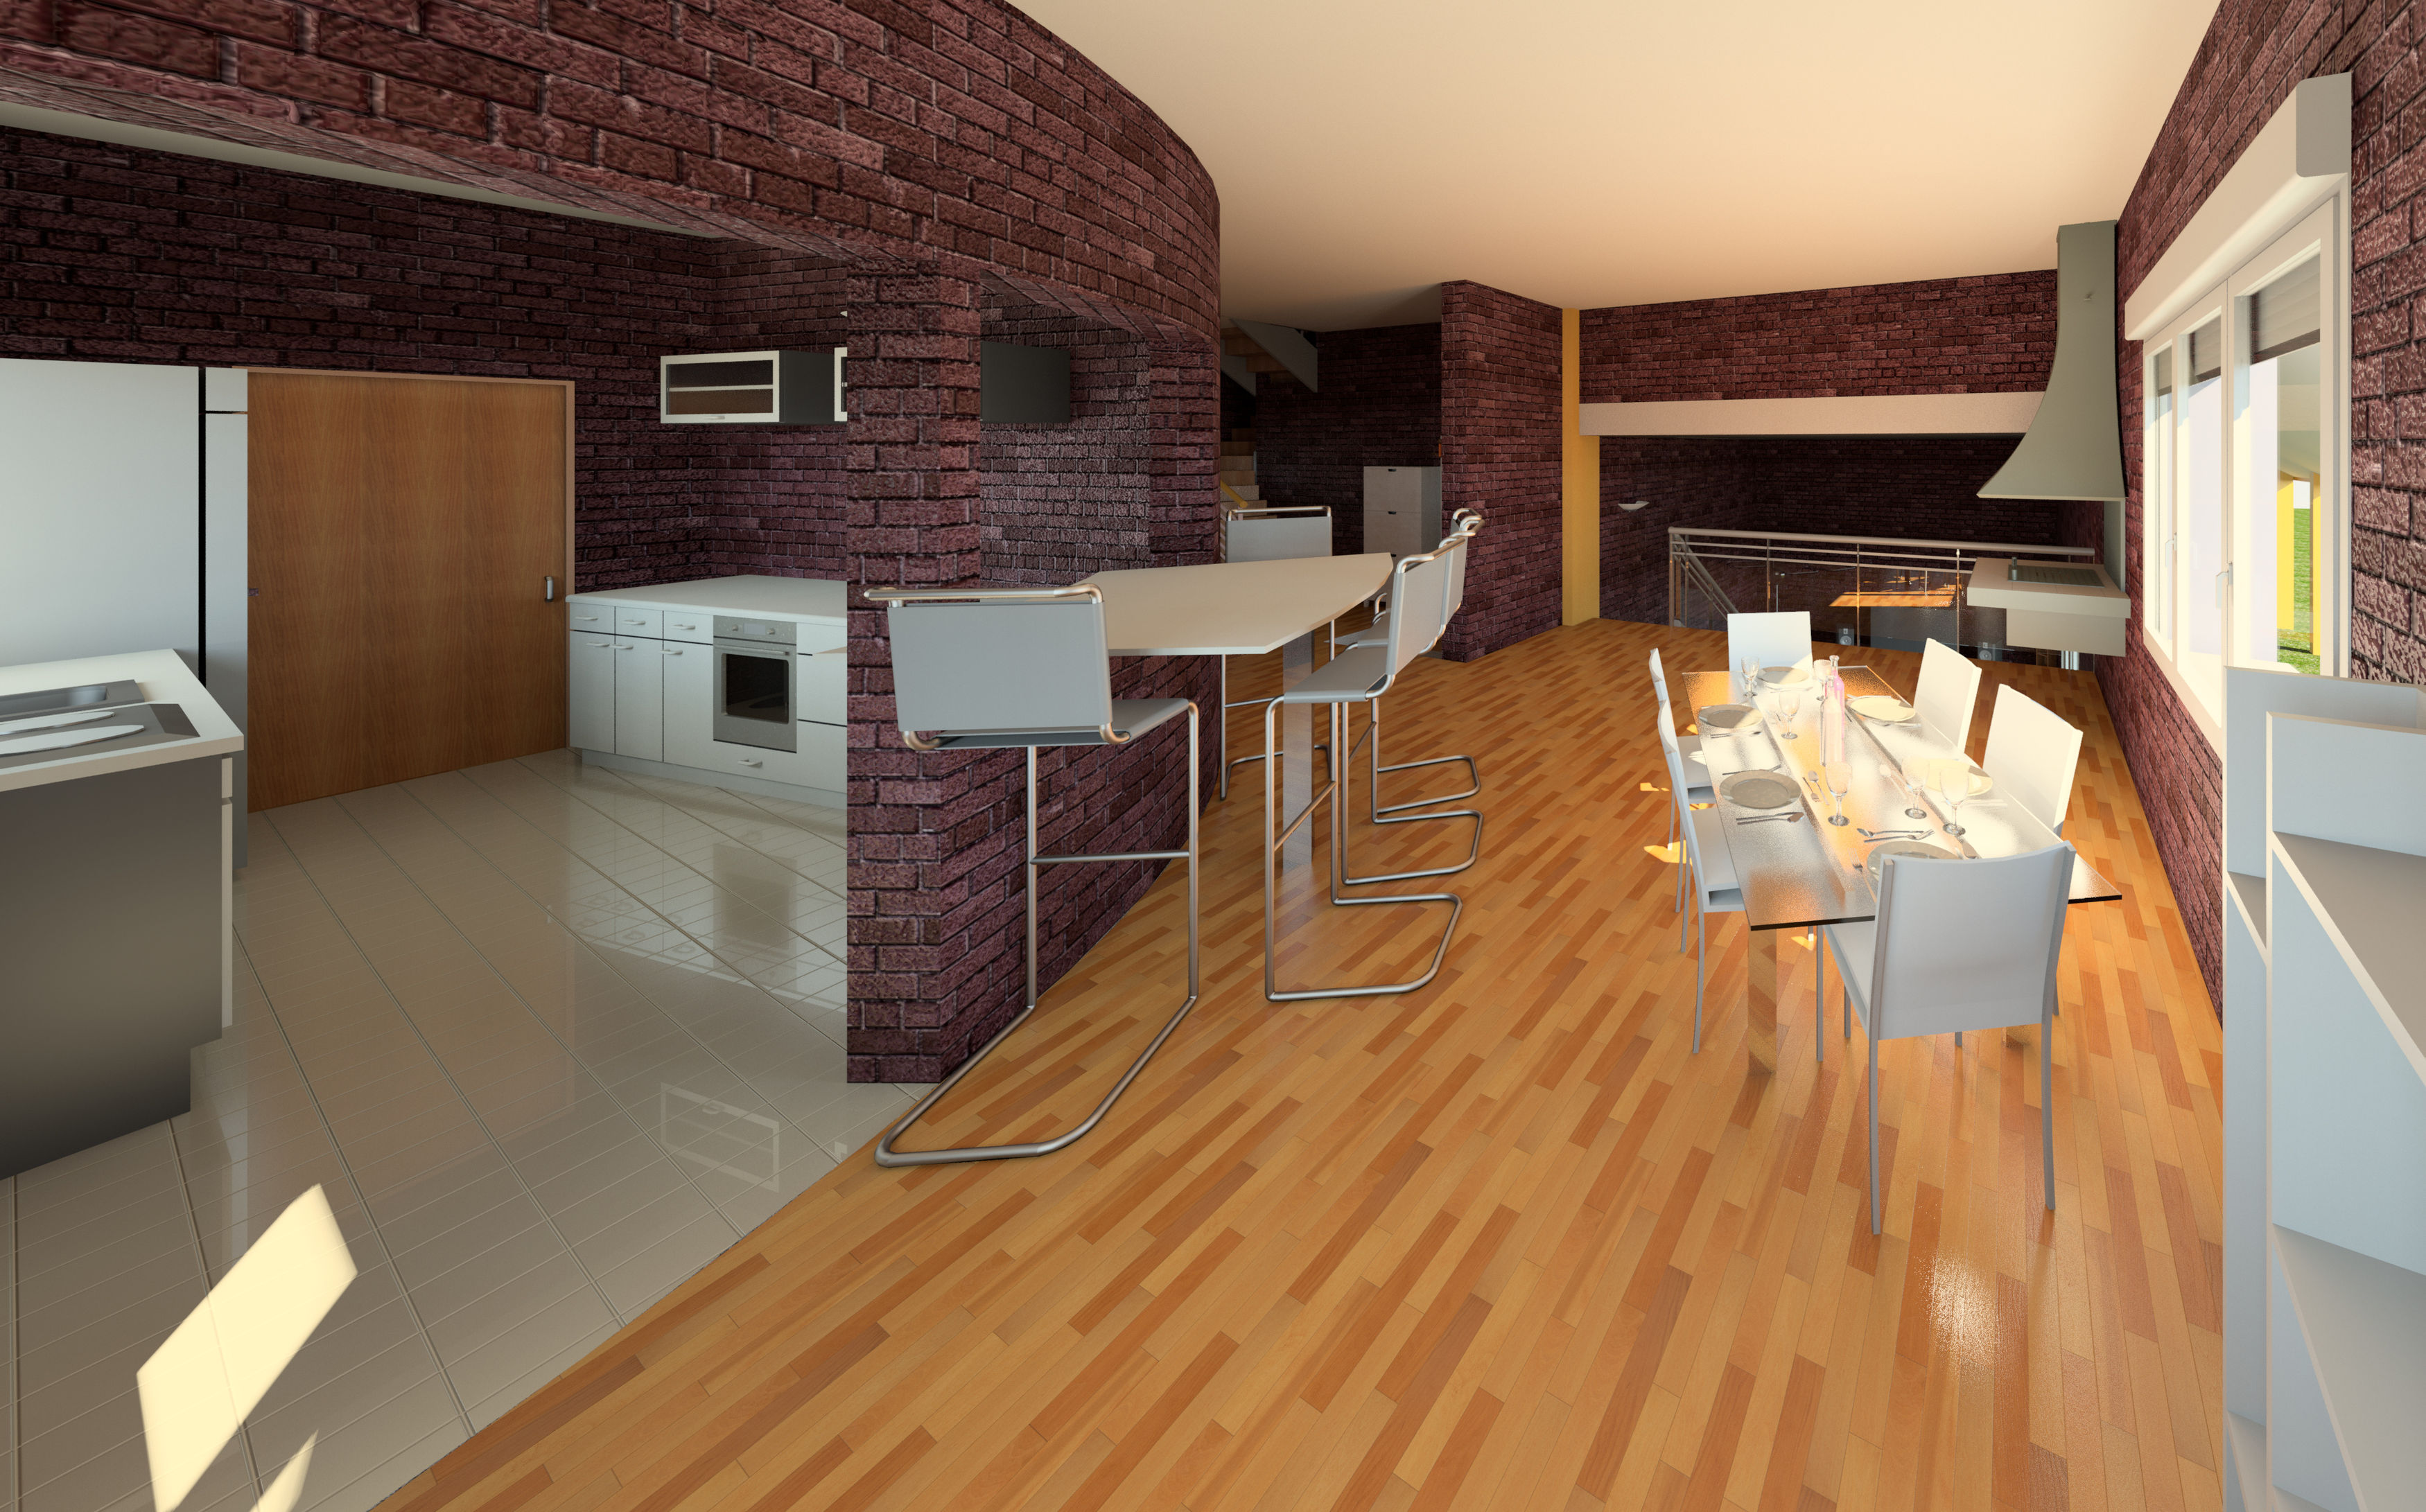 R novation d 39 une grange en une maison d 39 habitation - Renovation d une grange en maison d habitation ...